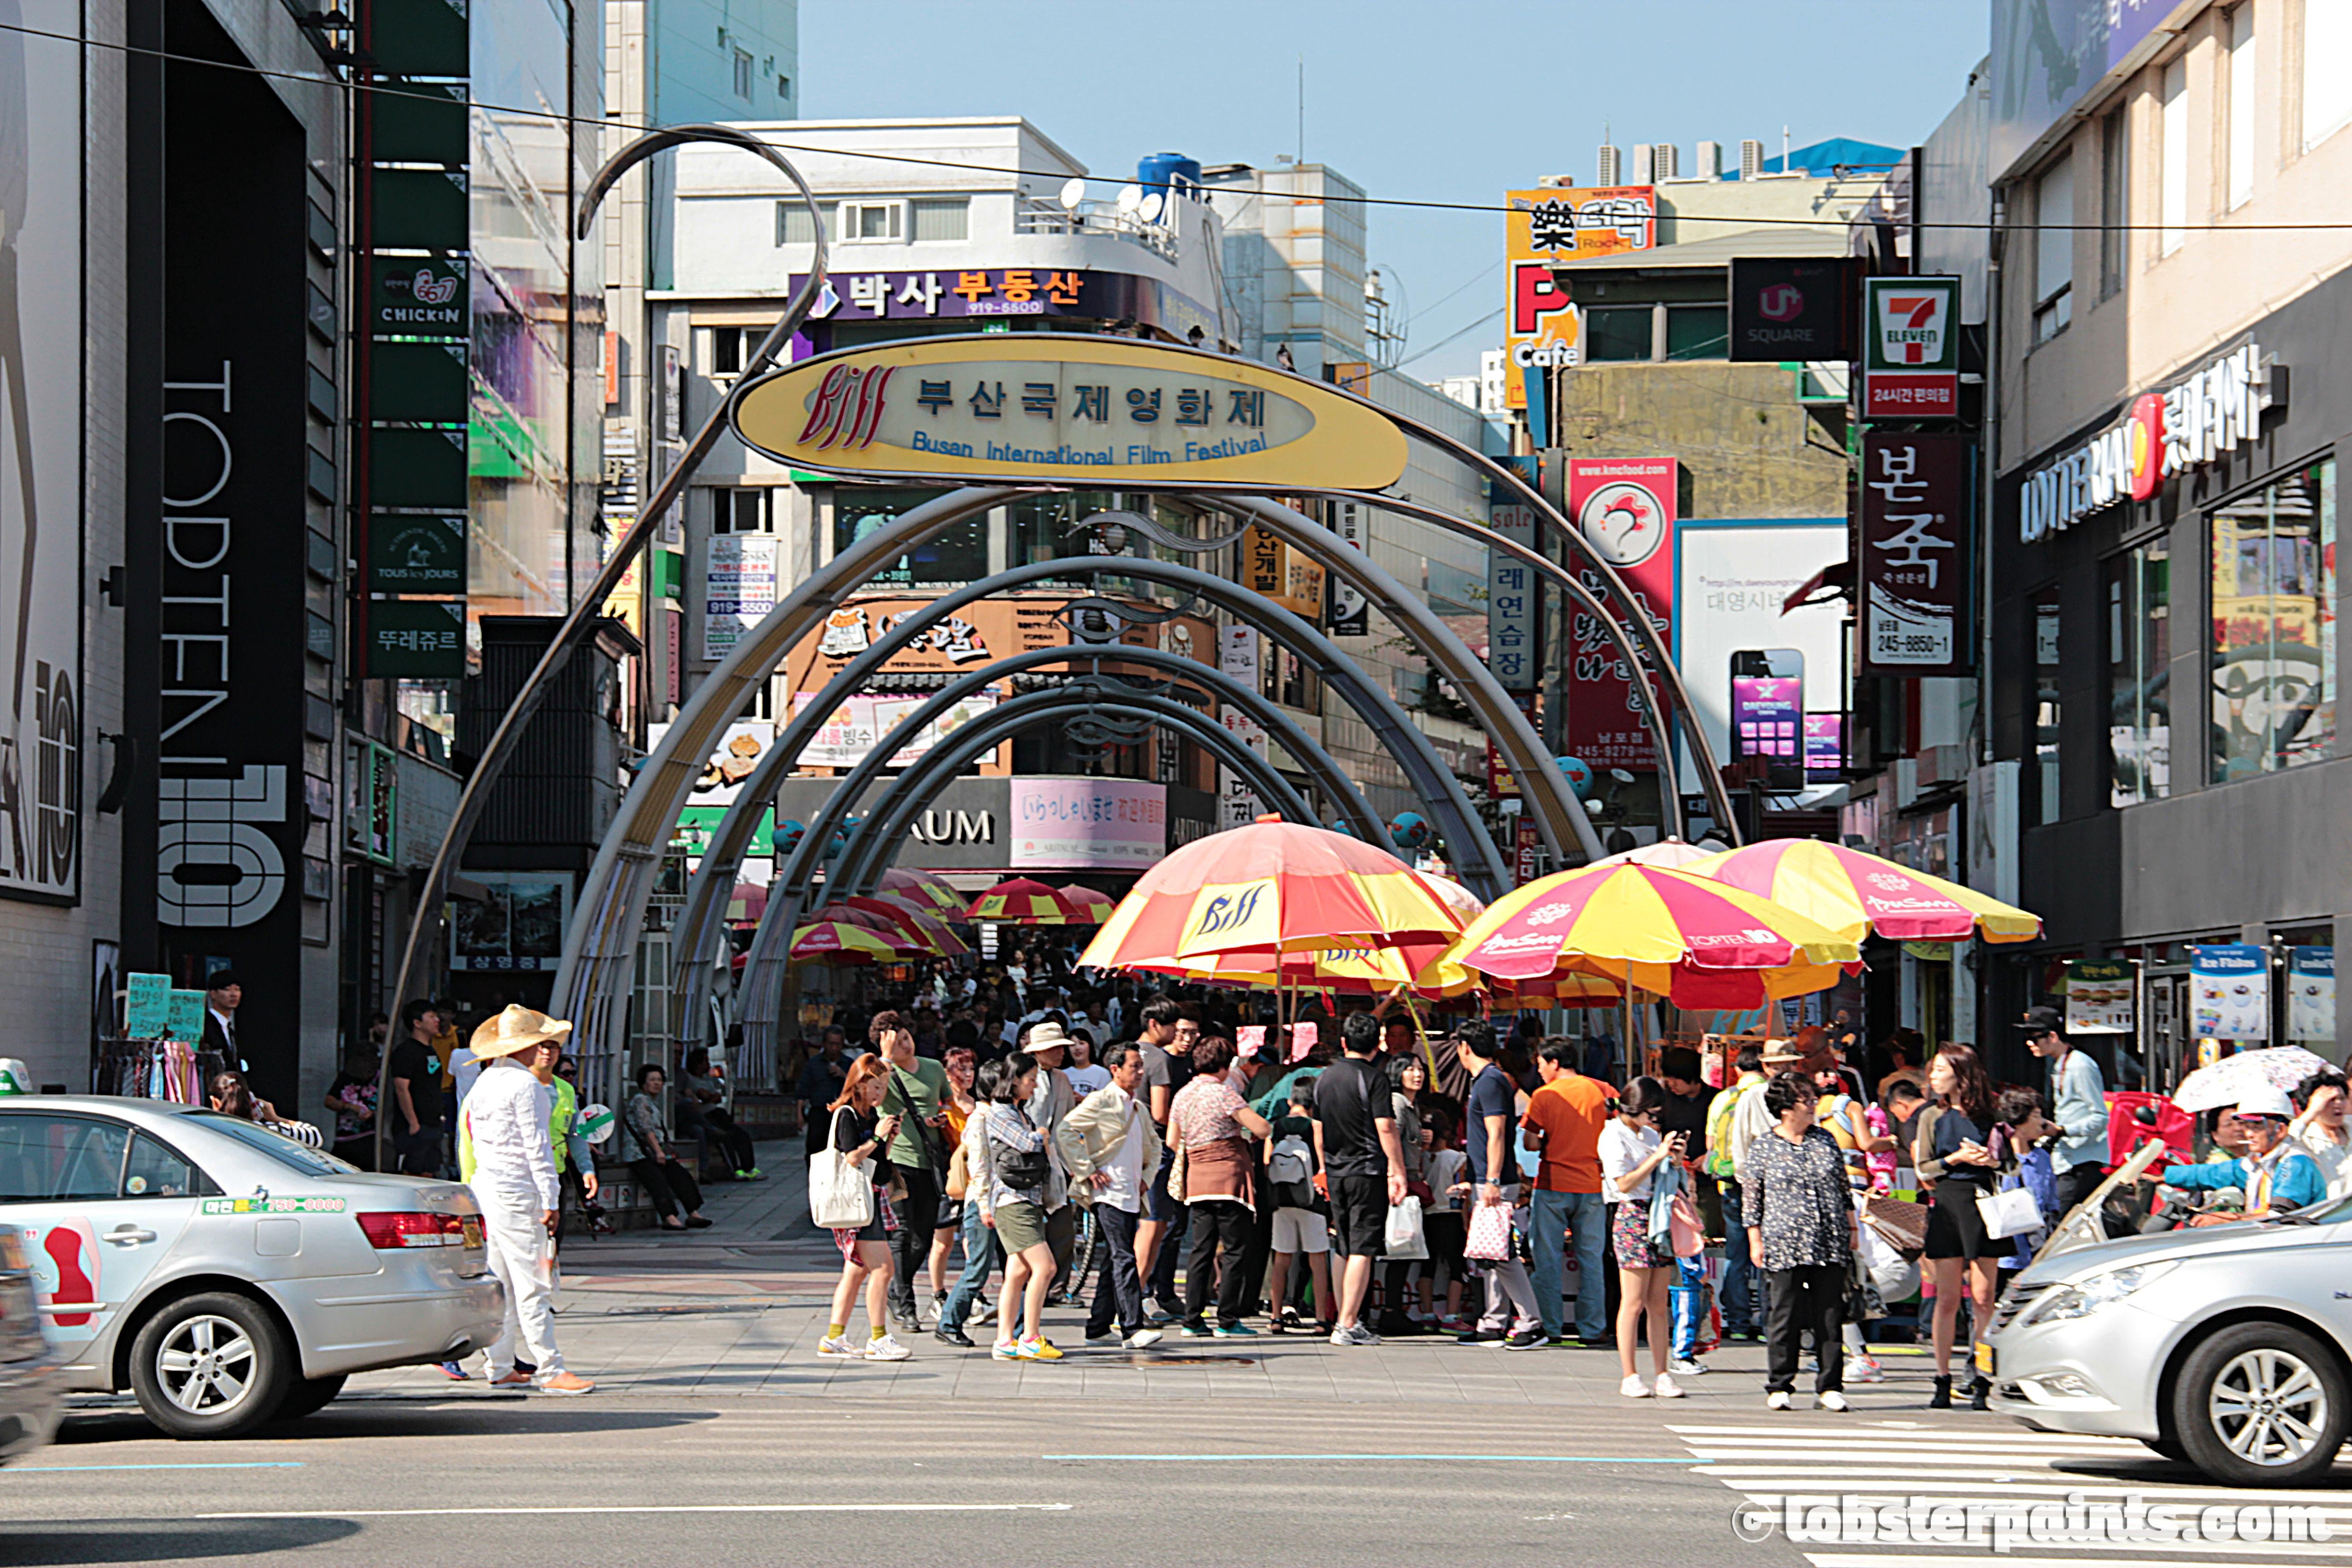 27 Sep 2014: BIFF Square | Busan, South Korea